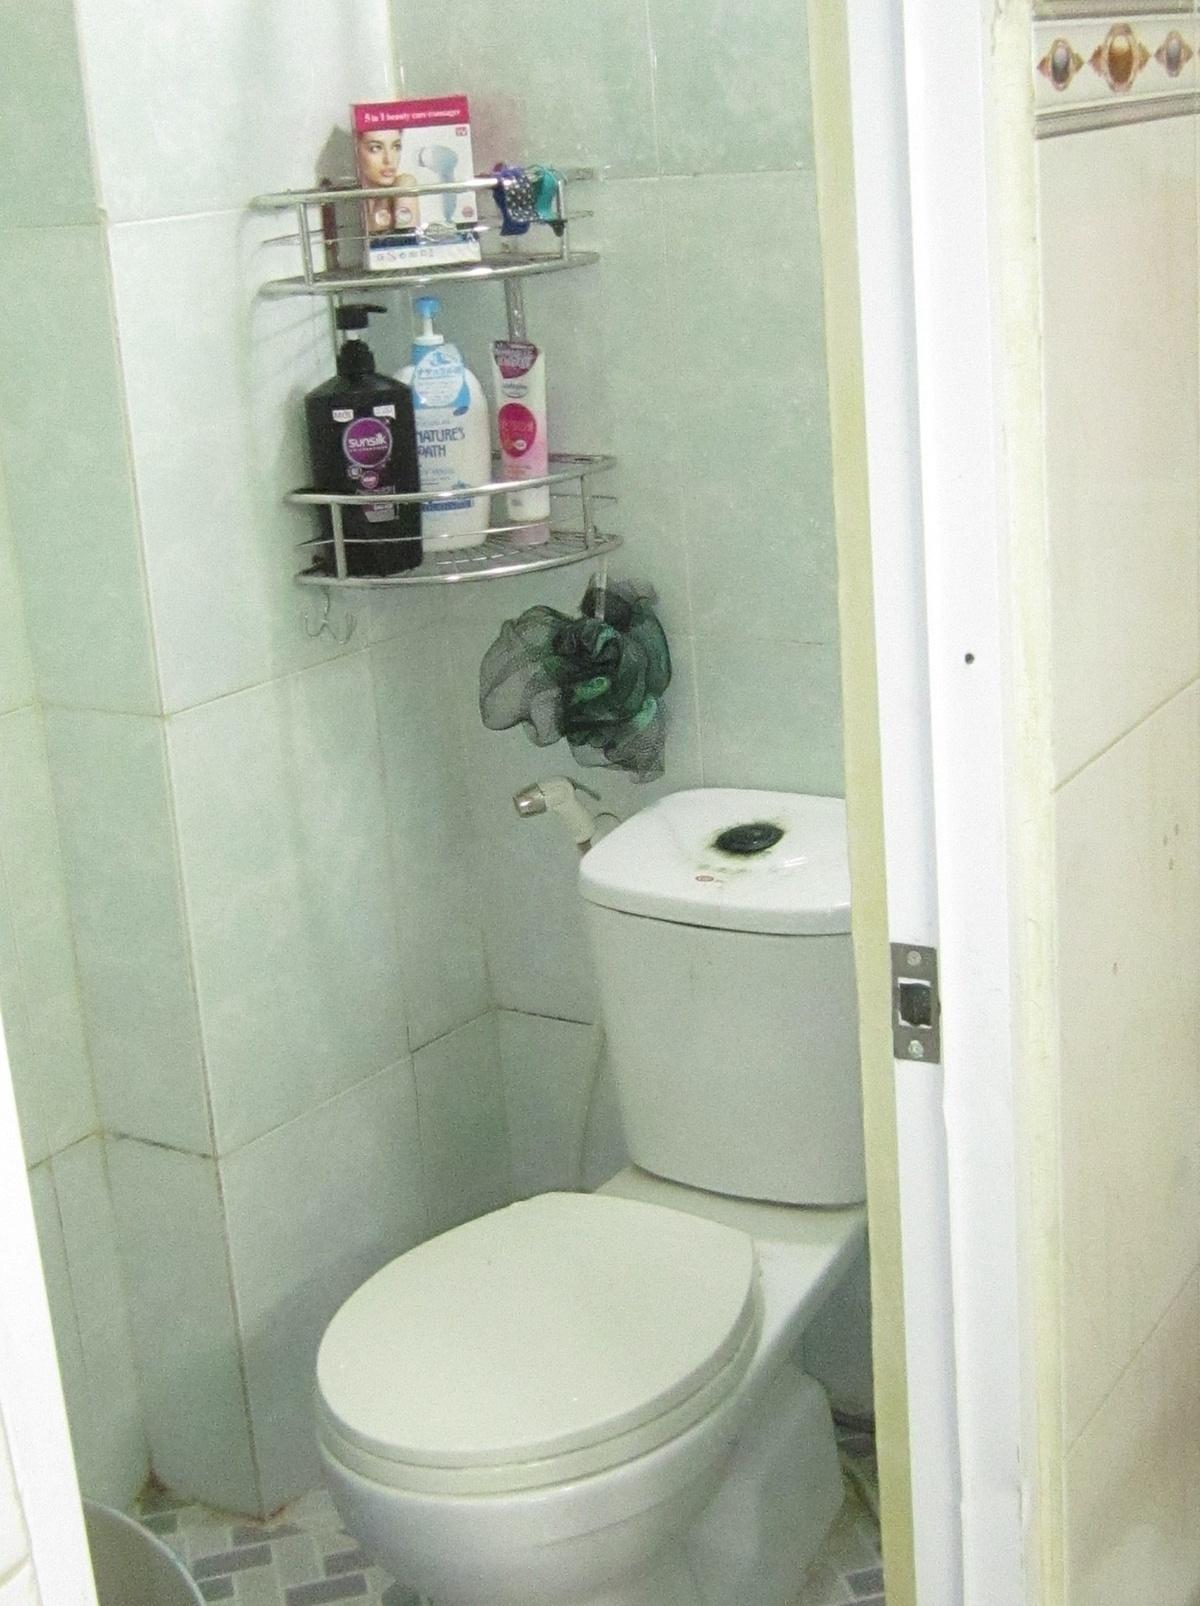 Thiết bị phòng tắm chưa ưng ý.